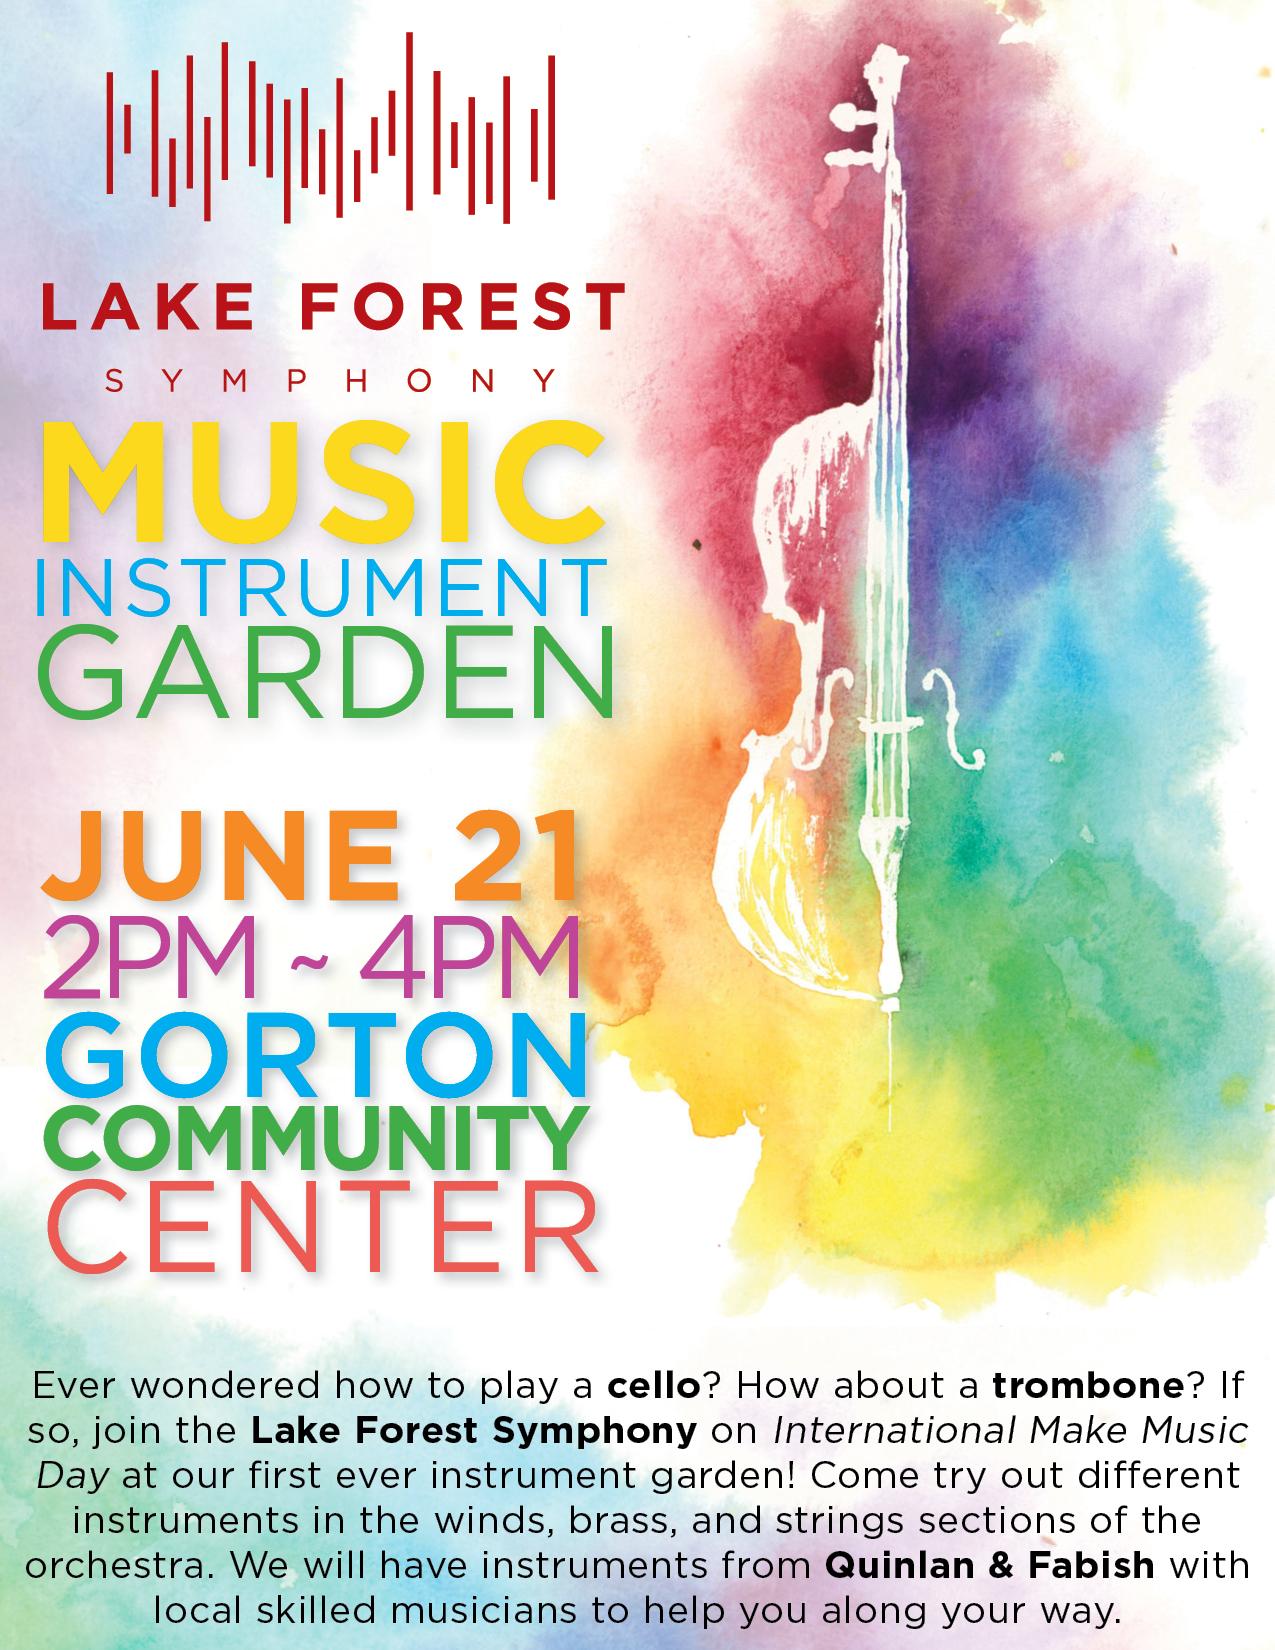 Music Instrument Garden Flyer.jpg